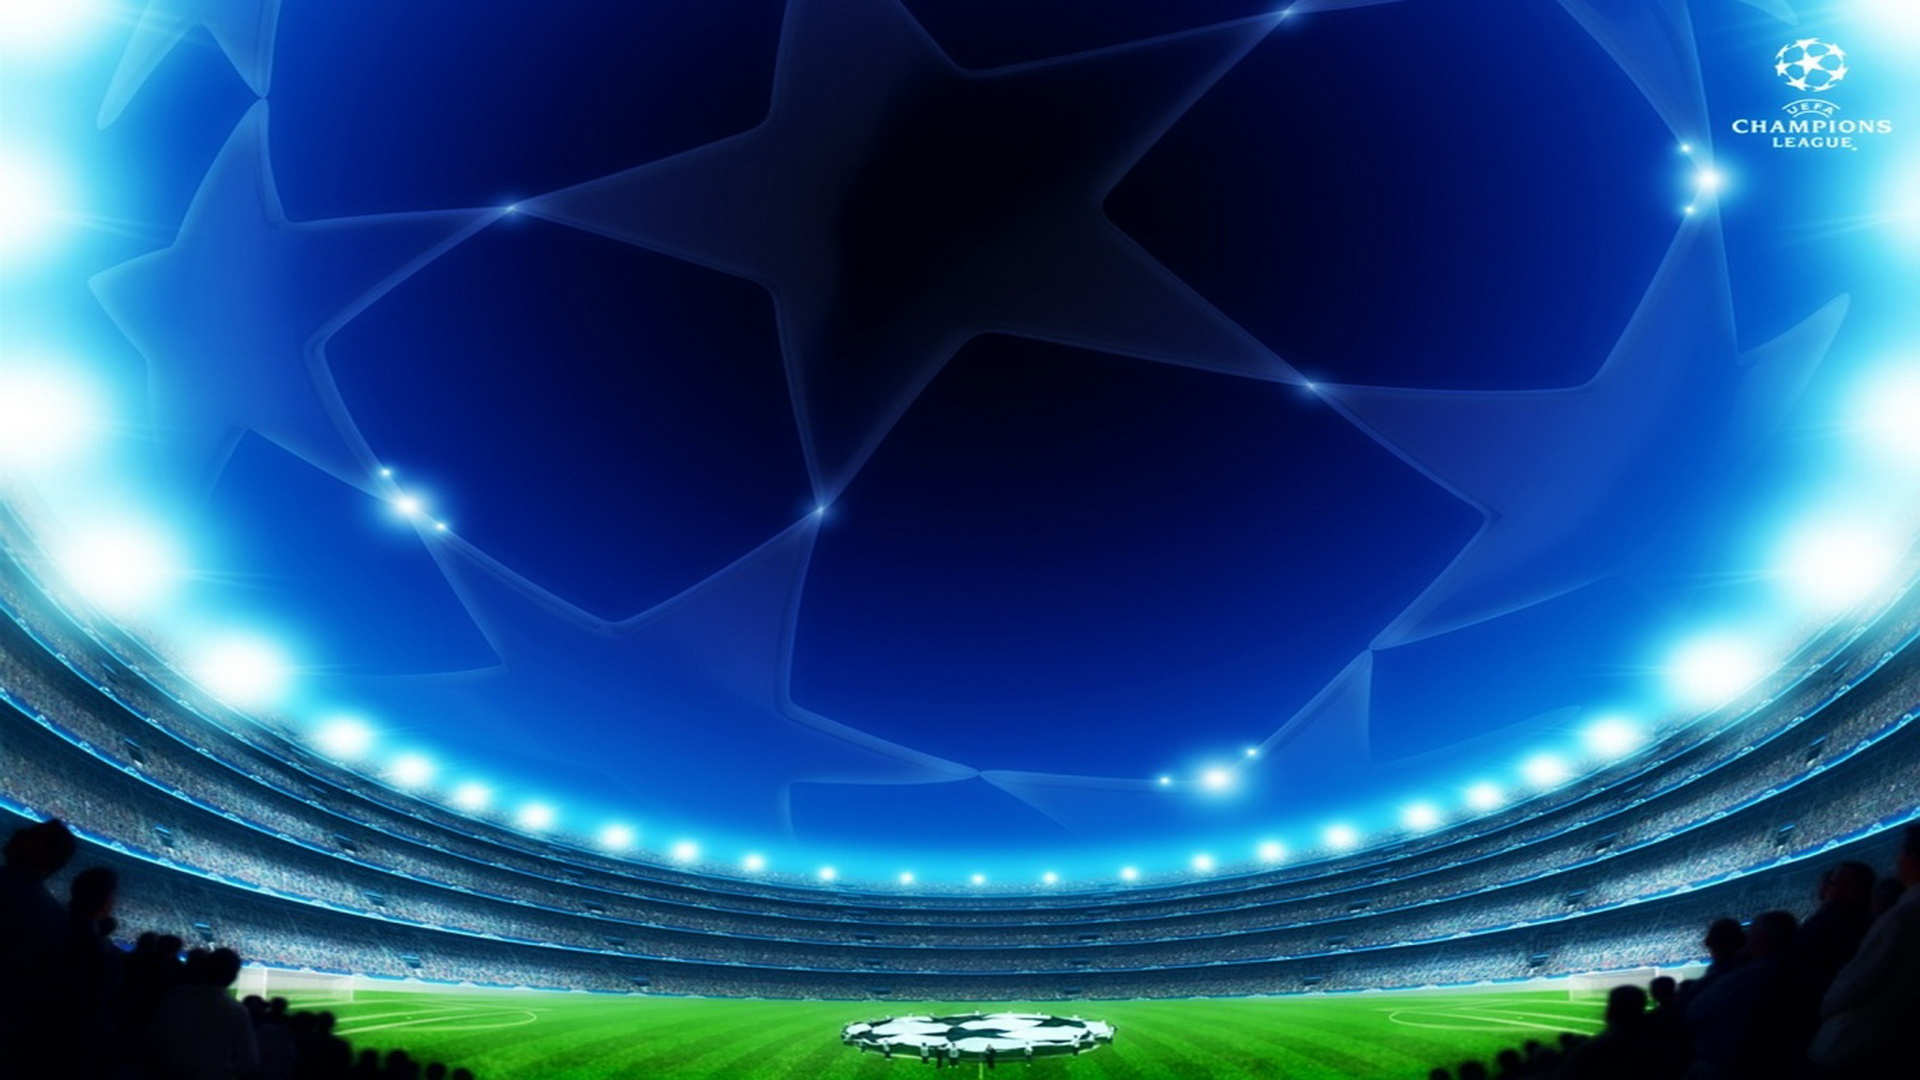 uefa champions league finale 2011 wallpapers champions league 10 11 1920x1080